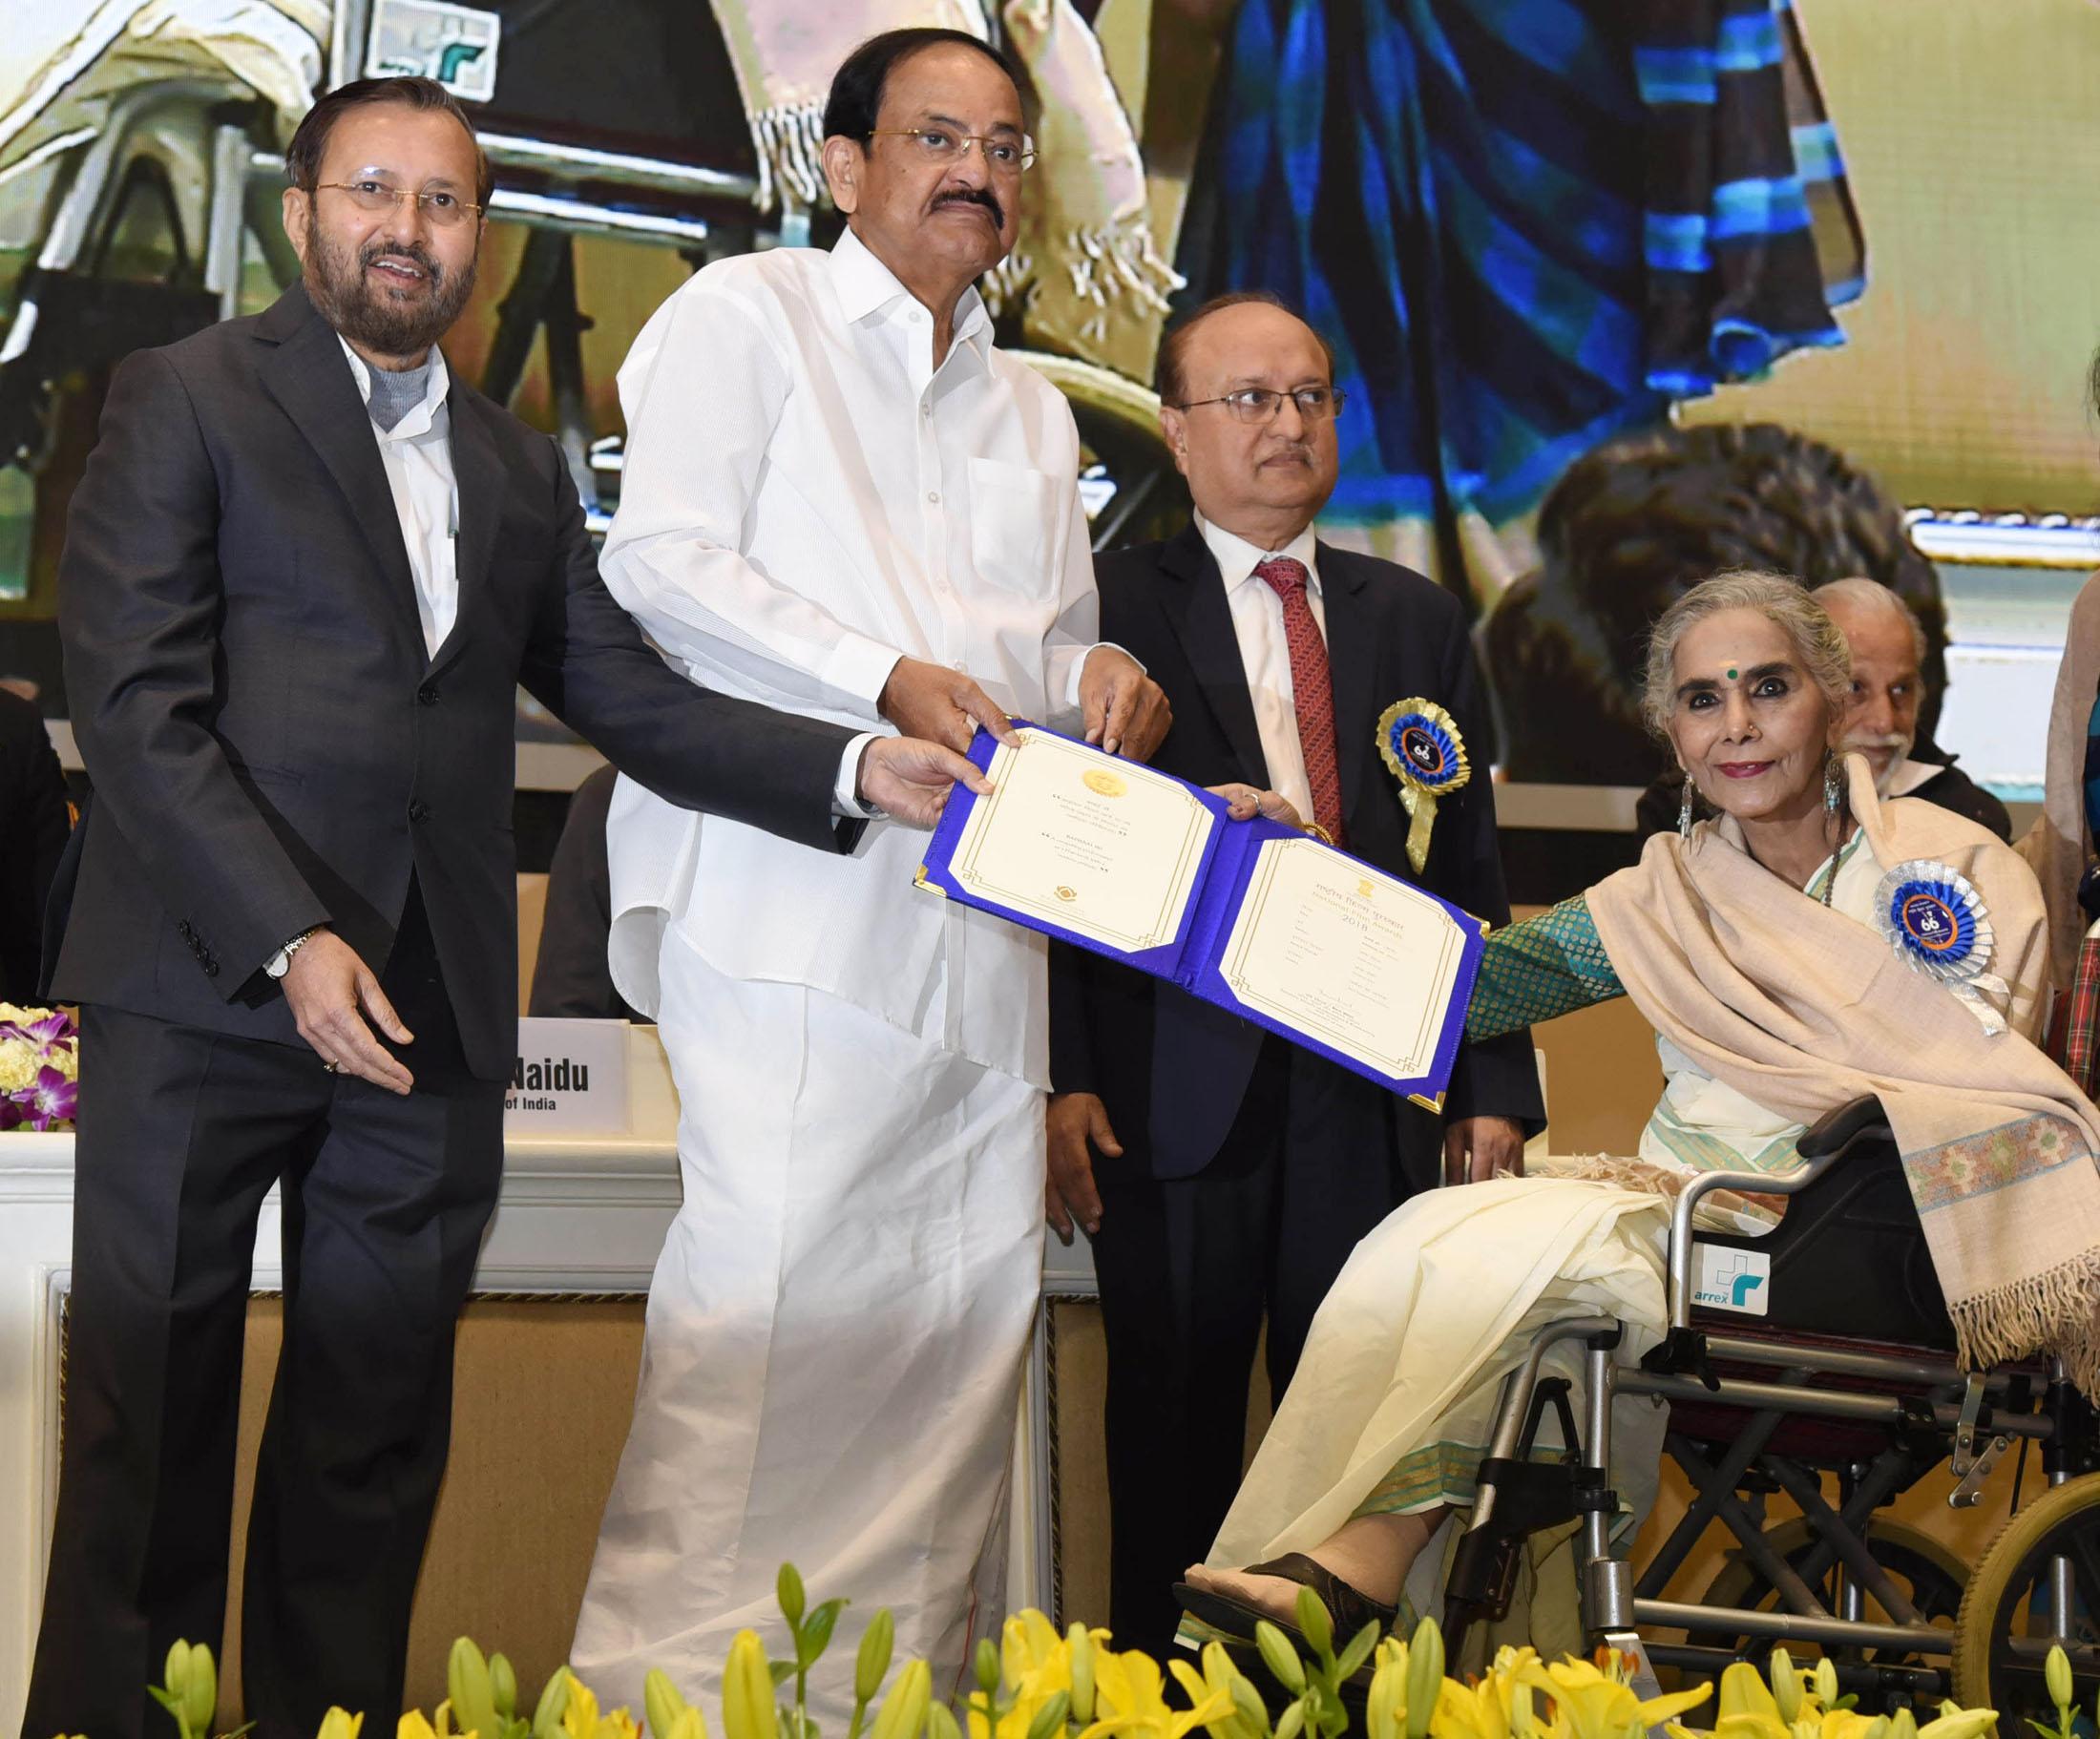 फिल्म 'बधाई हो' के लिए उप-राष्ट्रपति वेंकैया नायडु के हाथों बेस्ट सपोर्टिंग एक्टर का नेशनल अवॉर्ड रिसीव करती सुरेखा सीकरी.